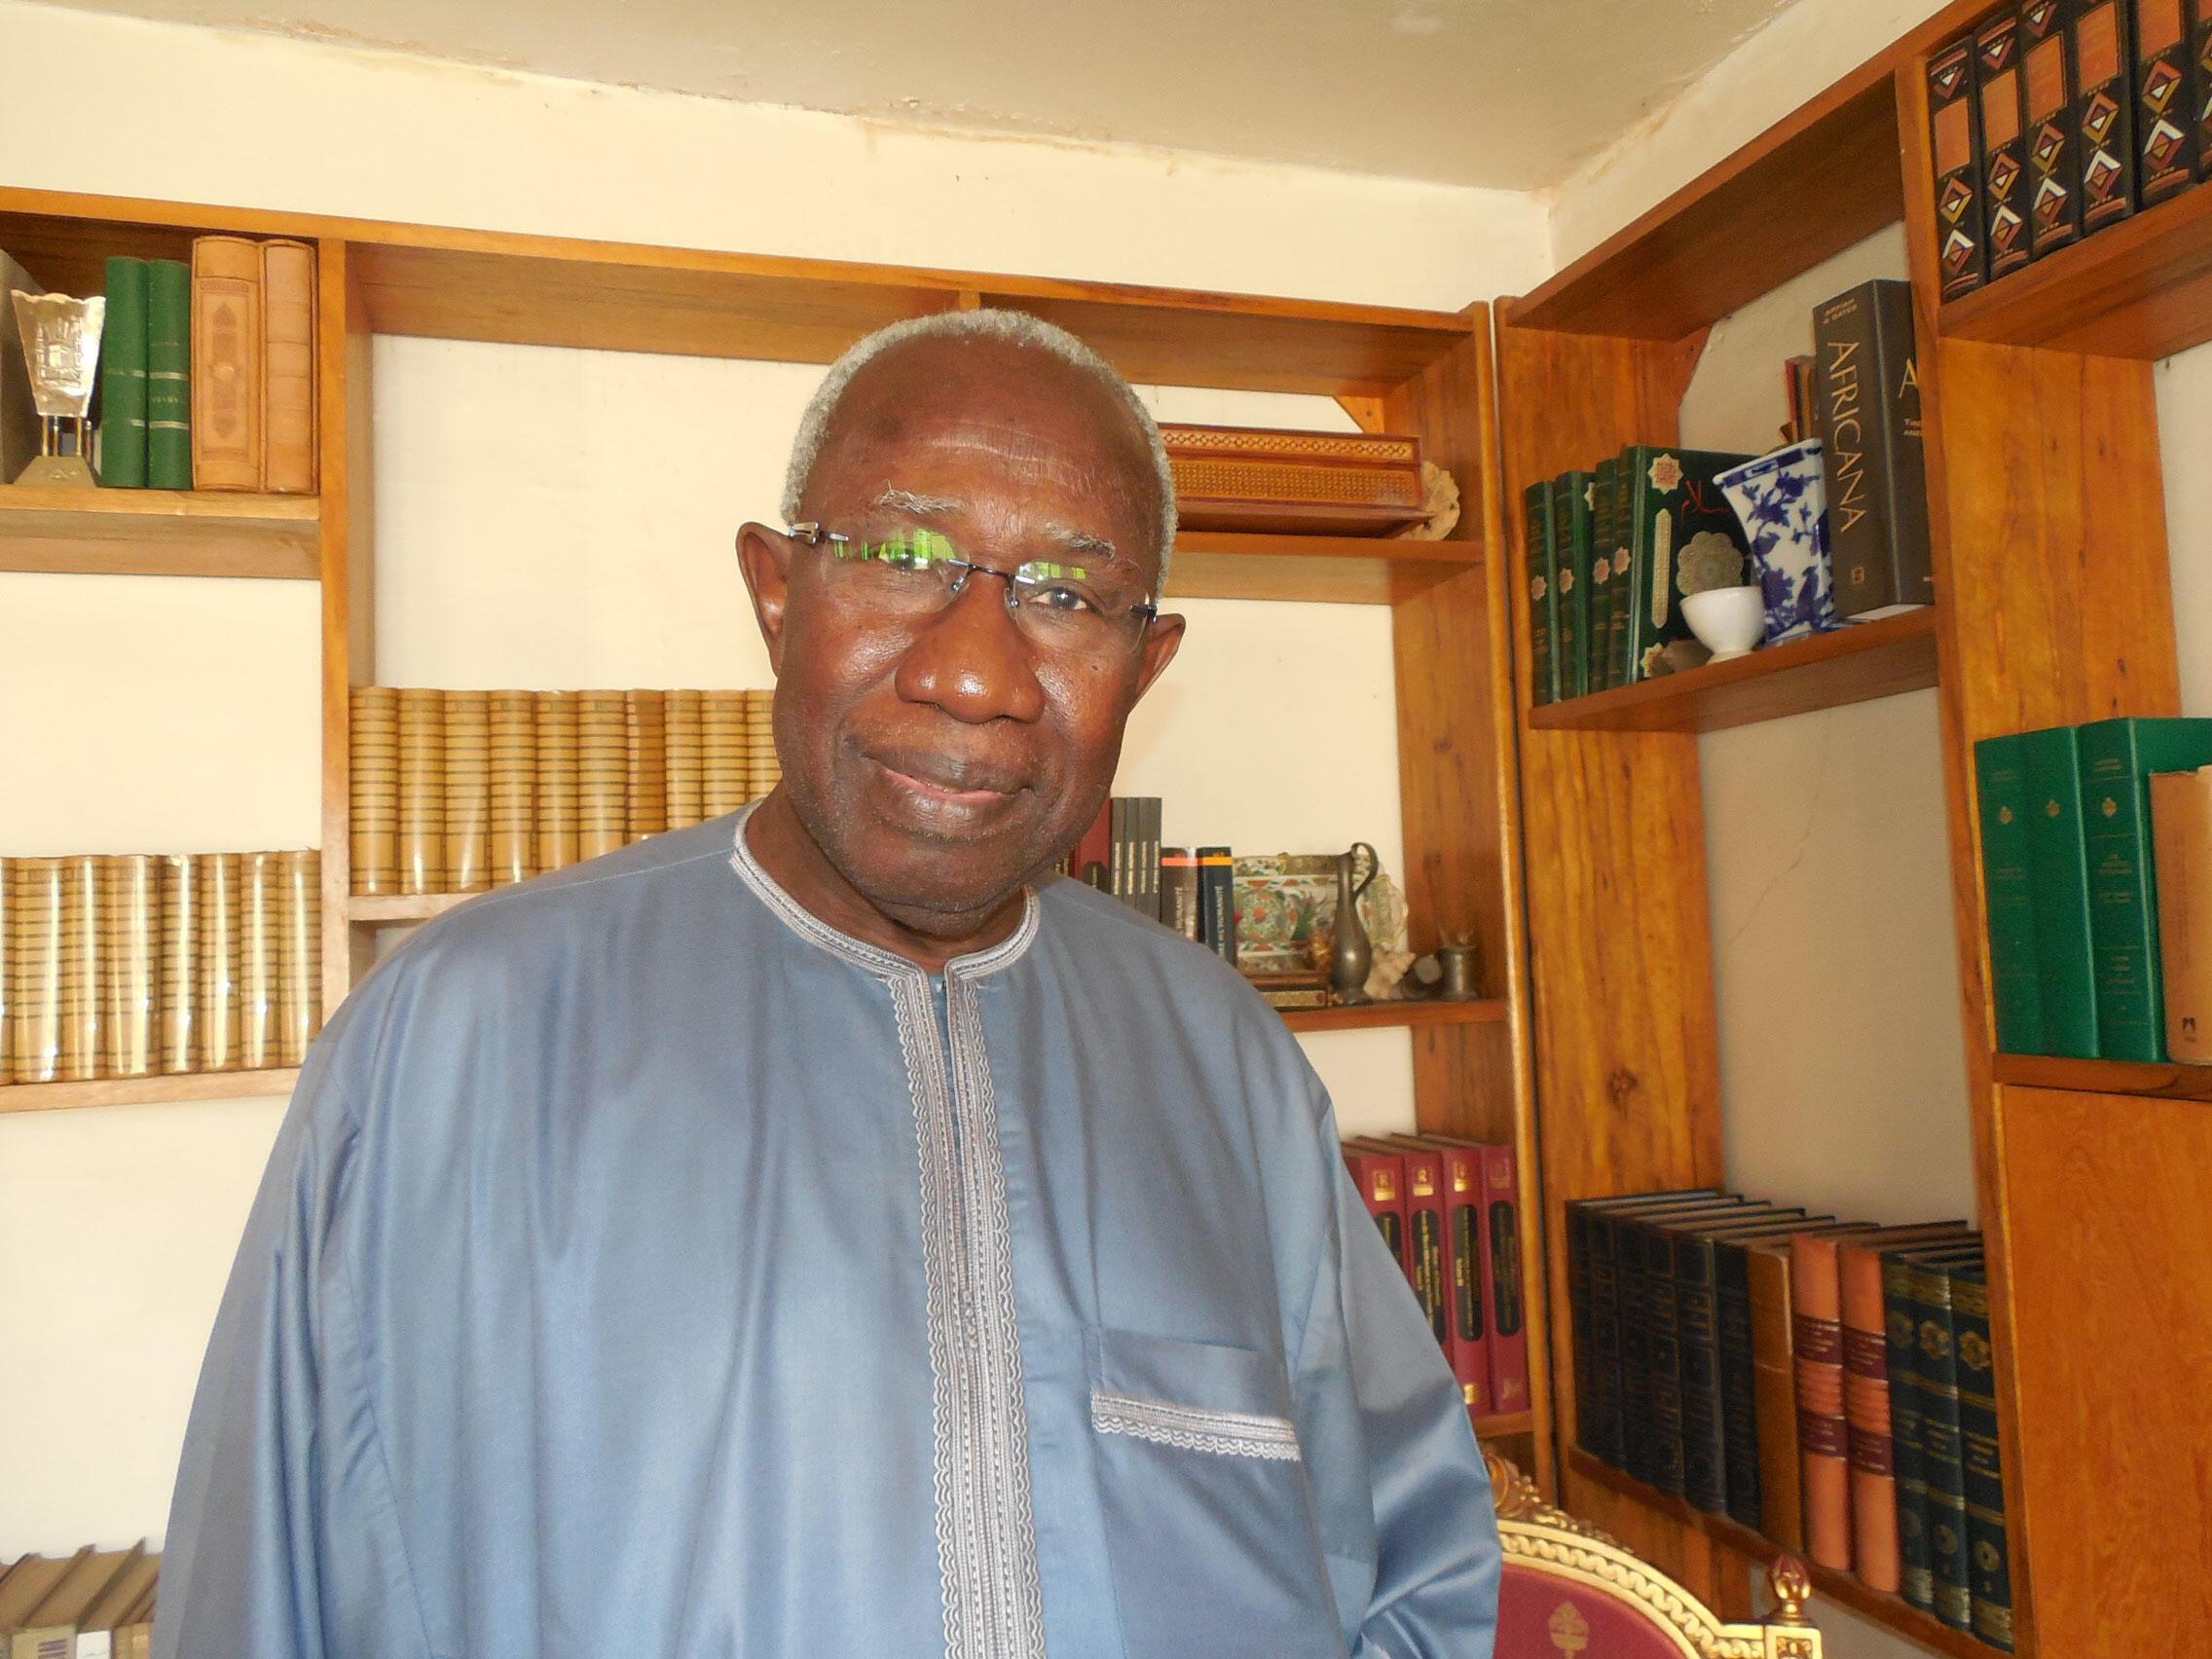 Le professeur Iba der Thiam, historien à l'origine du projet réécriture de l'histoire du Sénégal en 25 volumes.